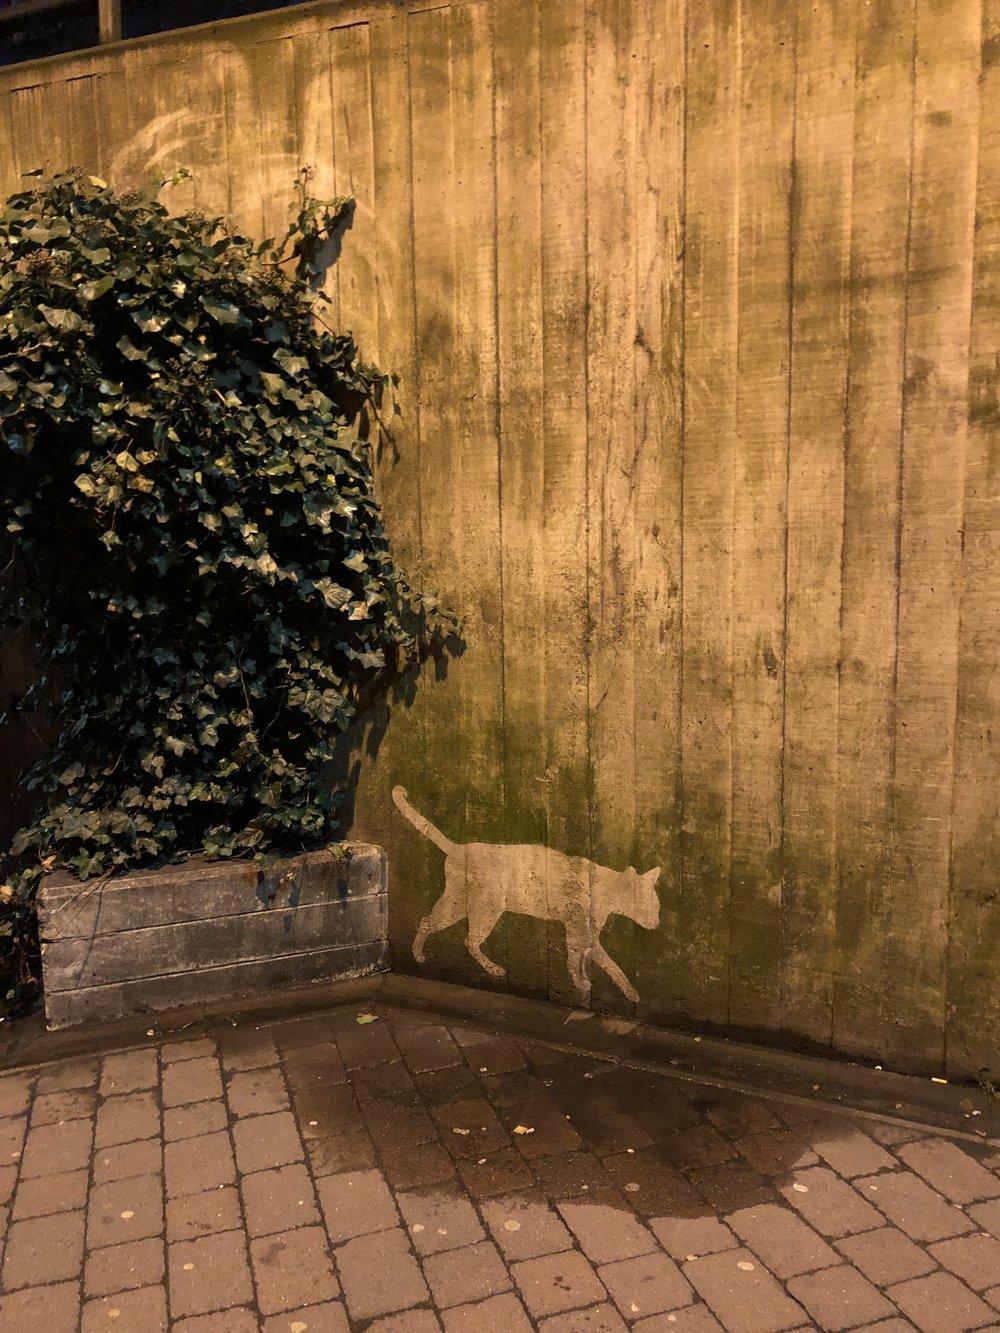 Reverse Graffiti Art